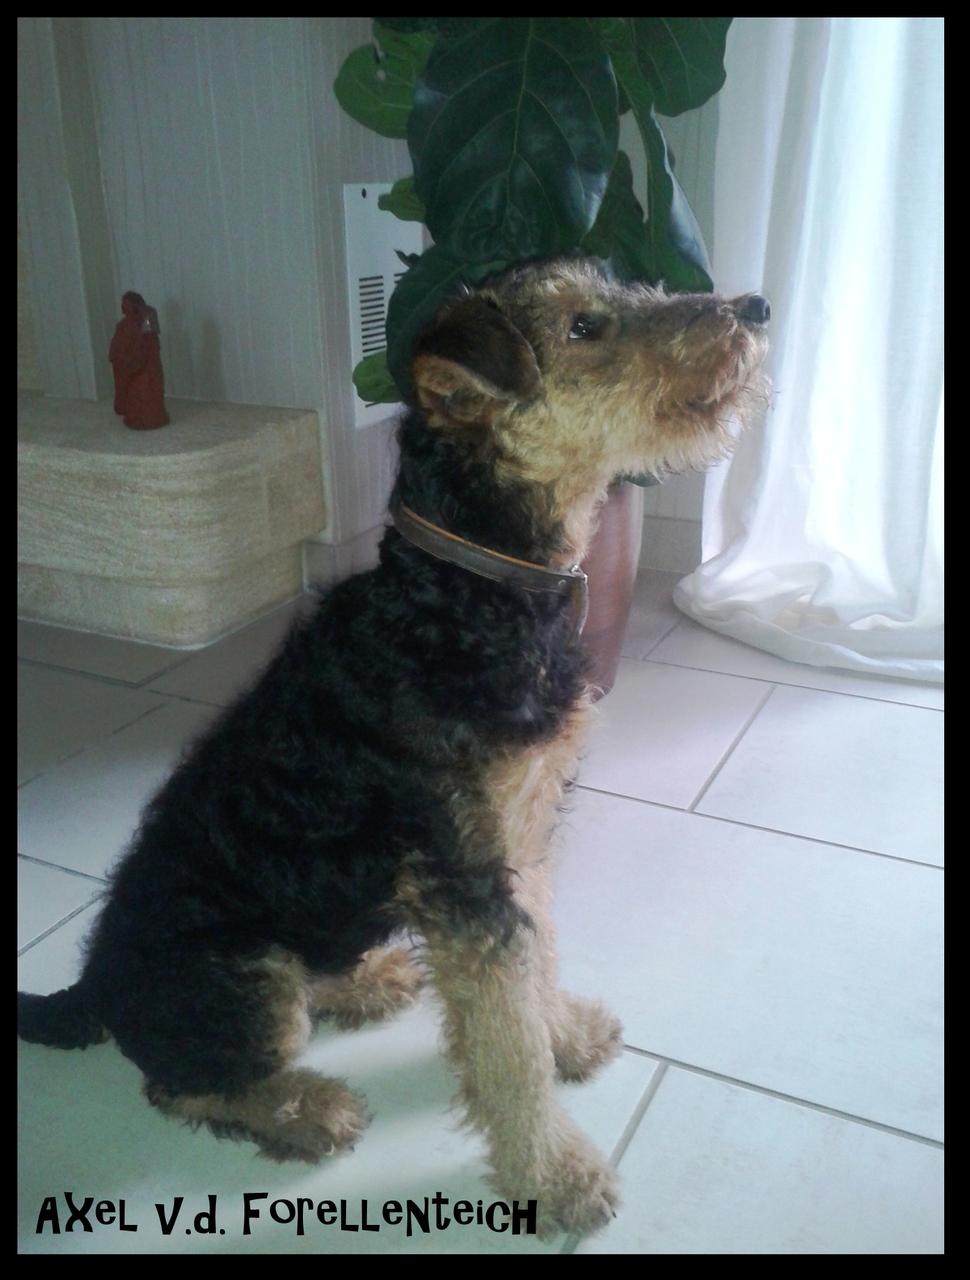 Jetzt heißt er Attila (Dezember 2014)